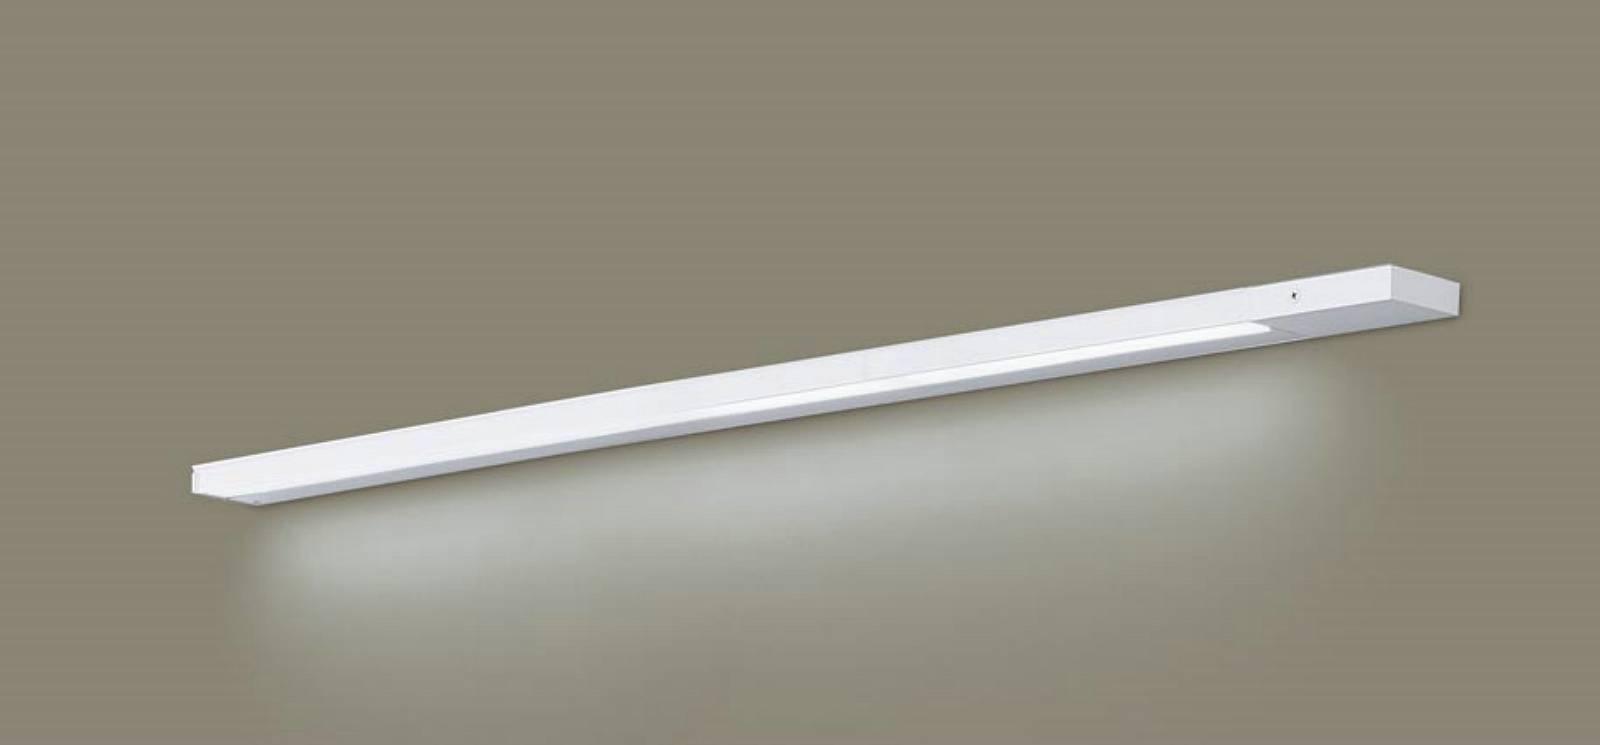 T区分 パナソニック LGB51345XG1 ベースライト 建築化照明器具 畳数設定無し LED【setsuden_led】